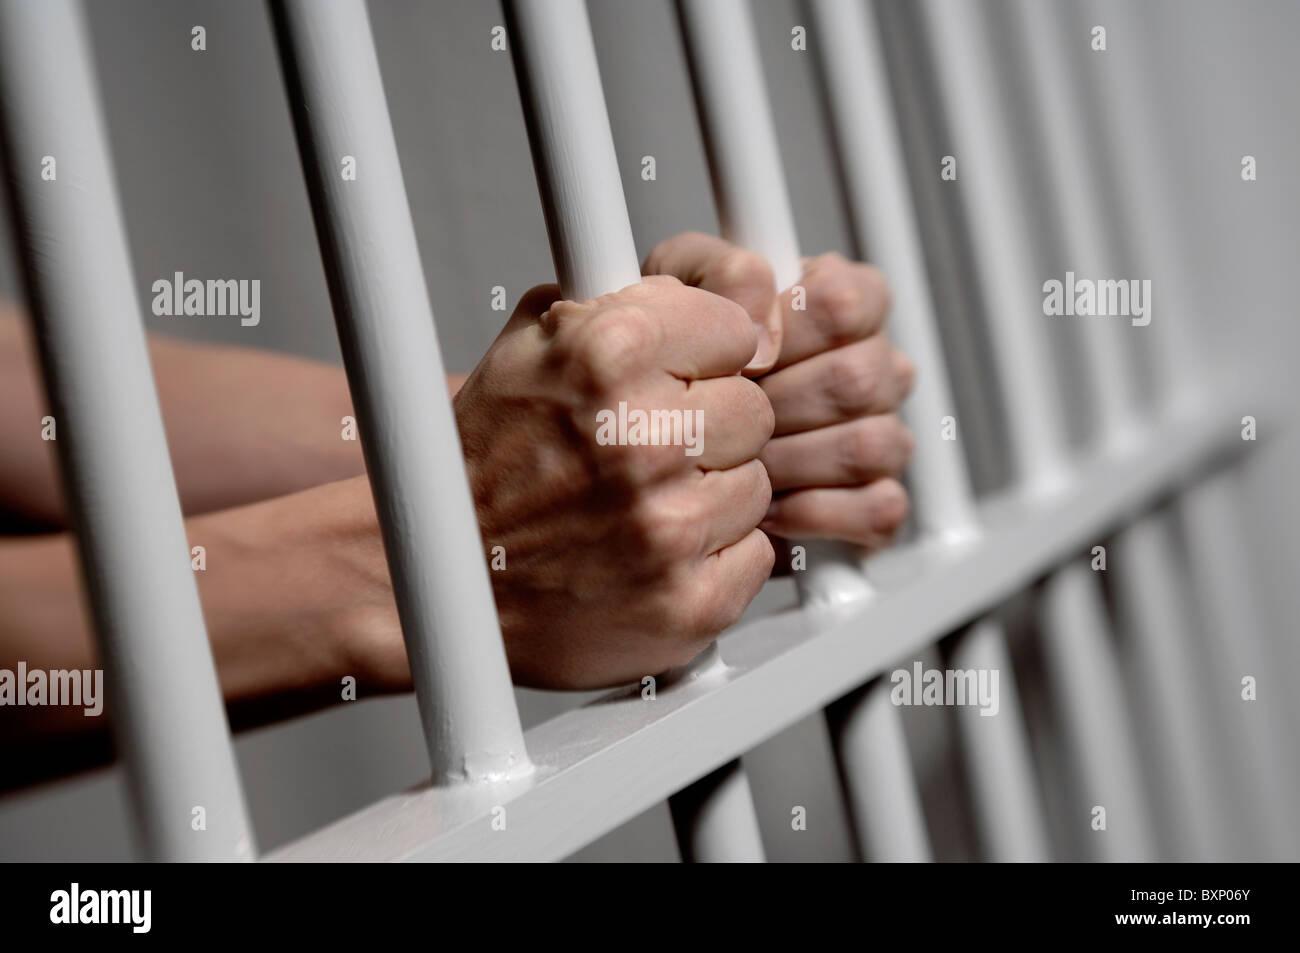 hands-on-prison-bars-BXP06Y.jpg